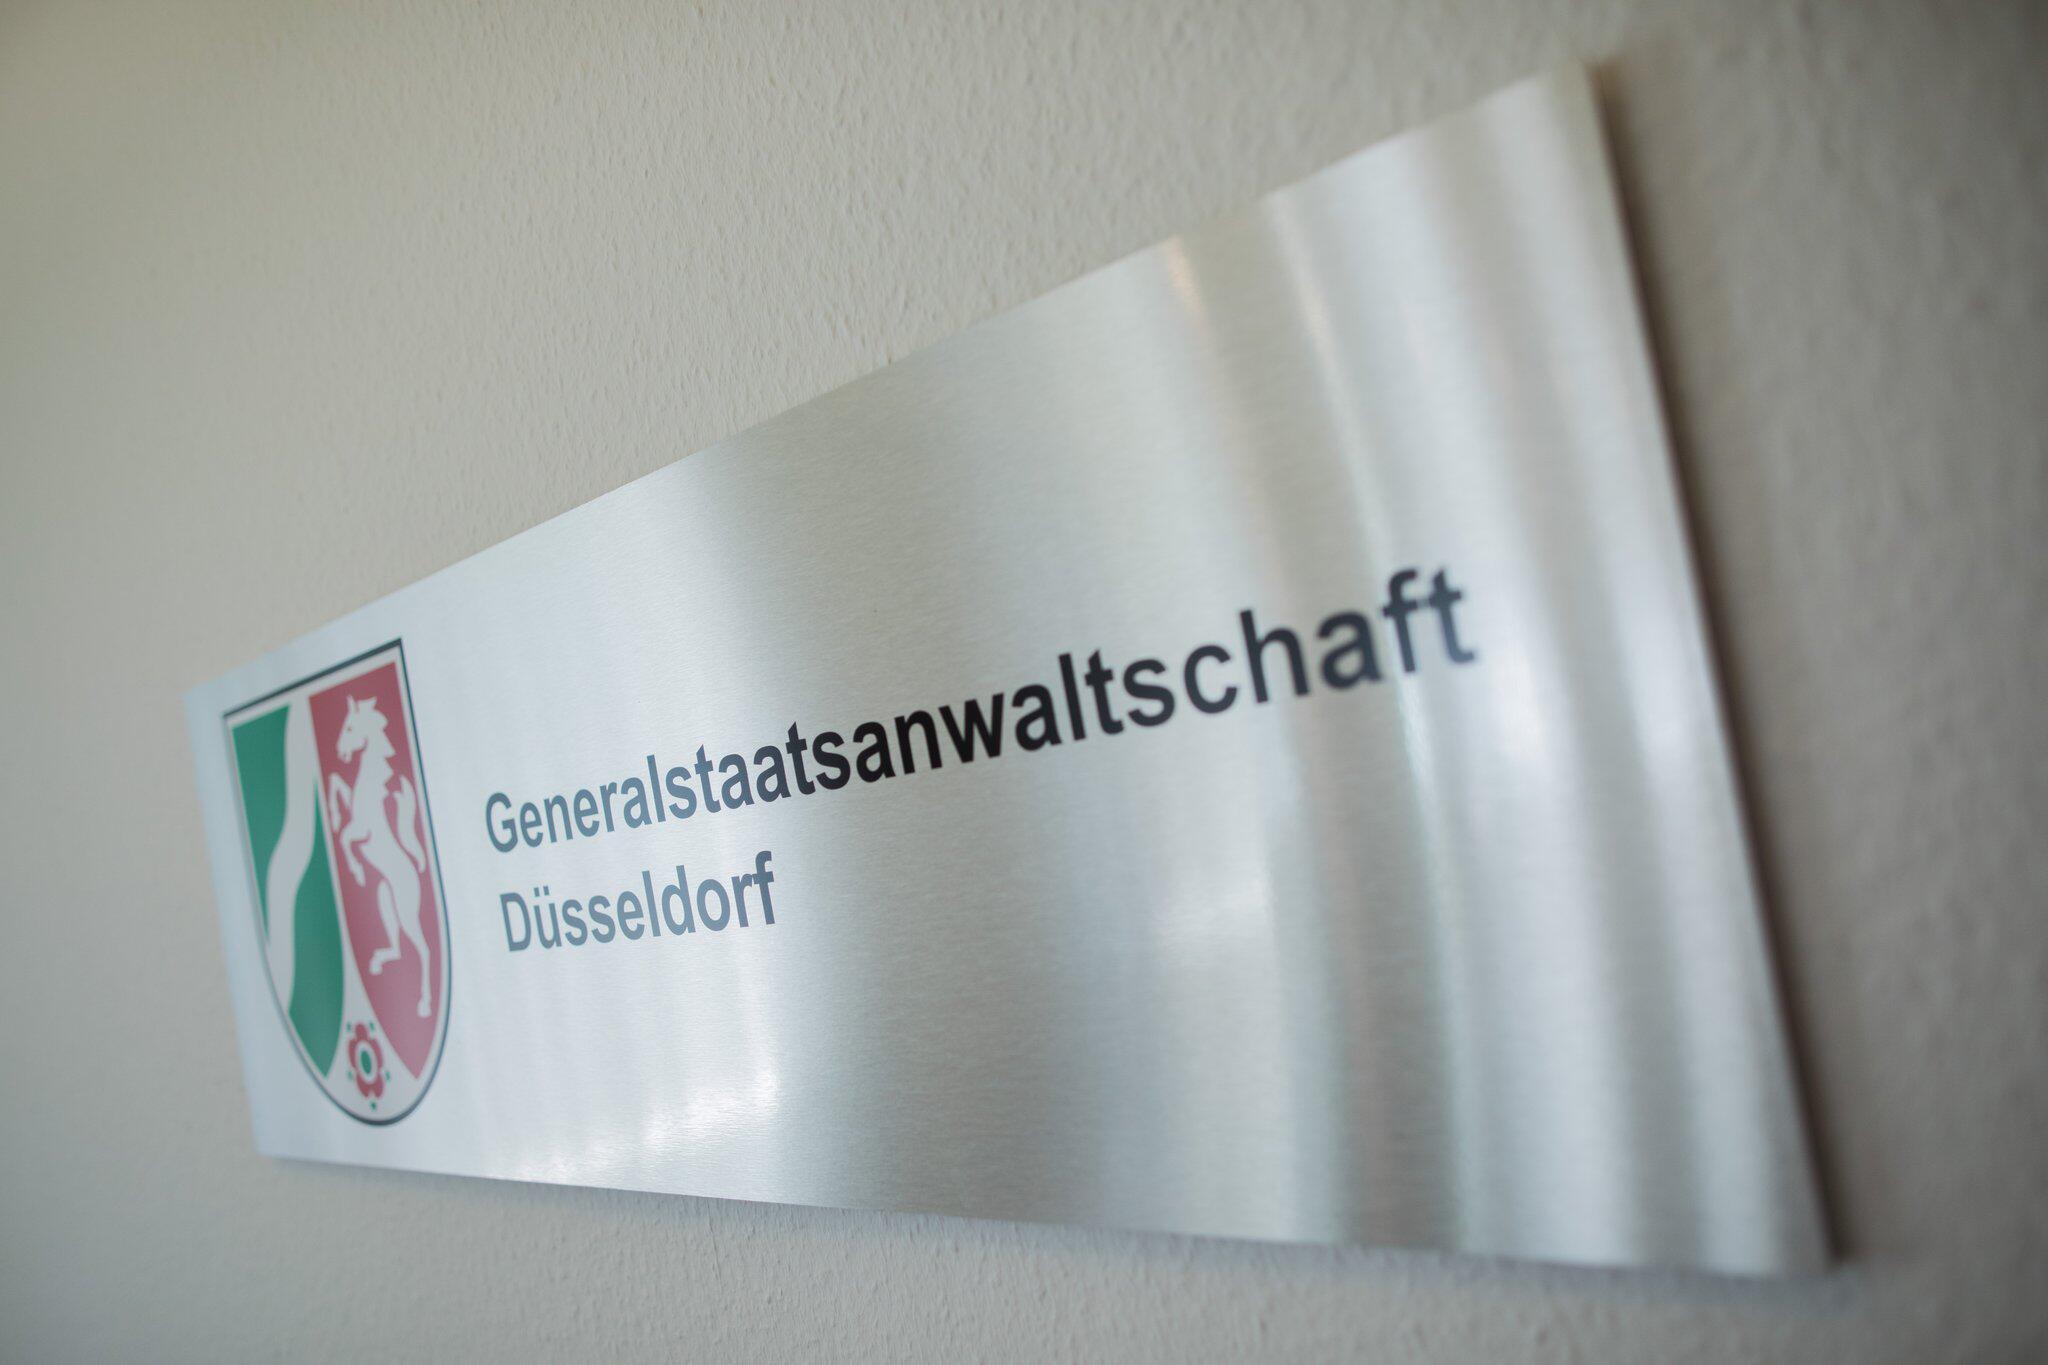 Bild zu Generalstaatsanwaltschaft Düsseldorf